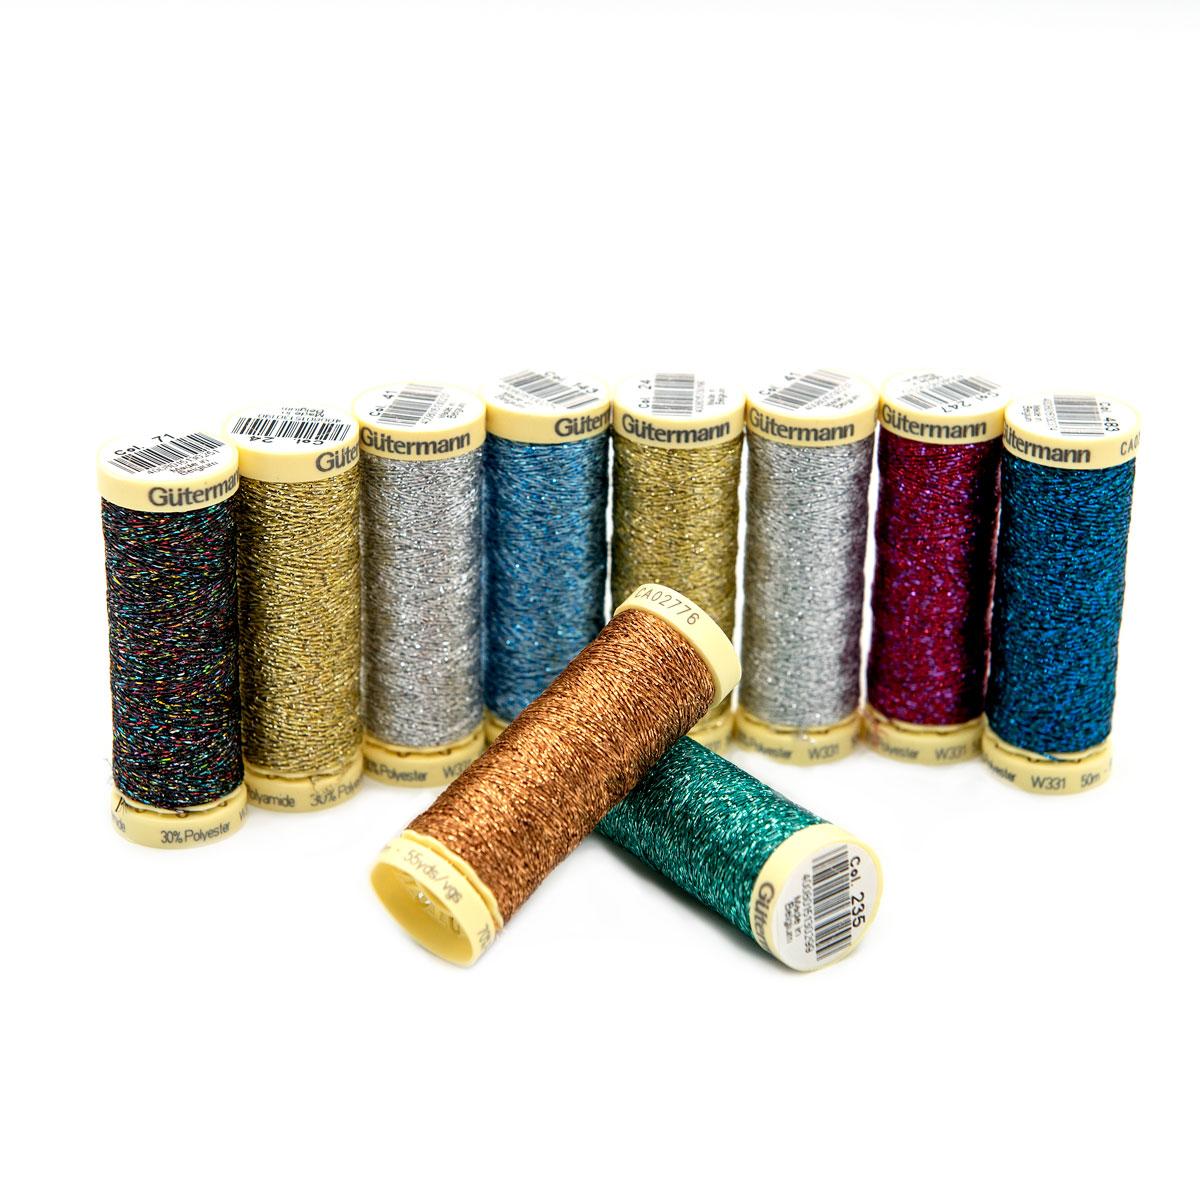 734007 Набор швейных нитей с металлическим эффектом, col. 1